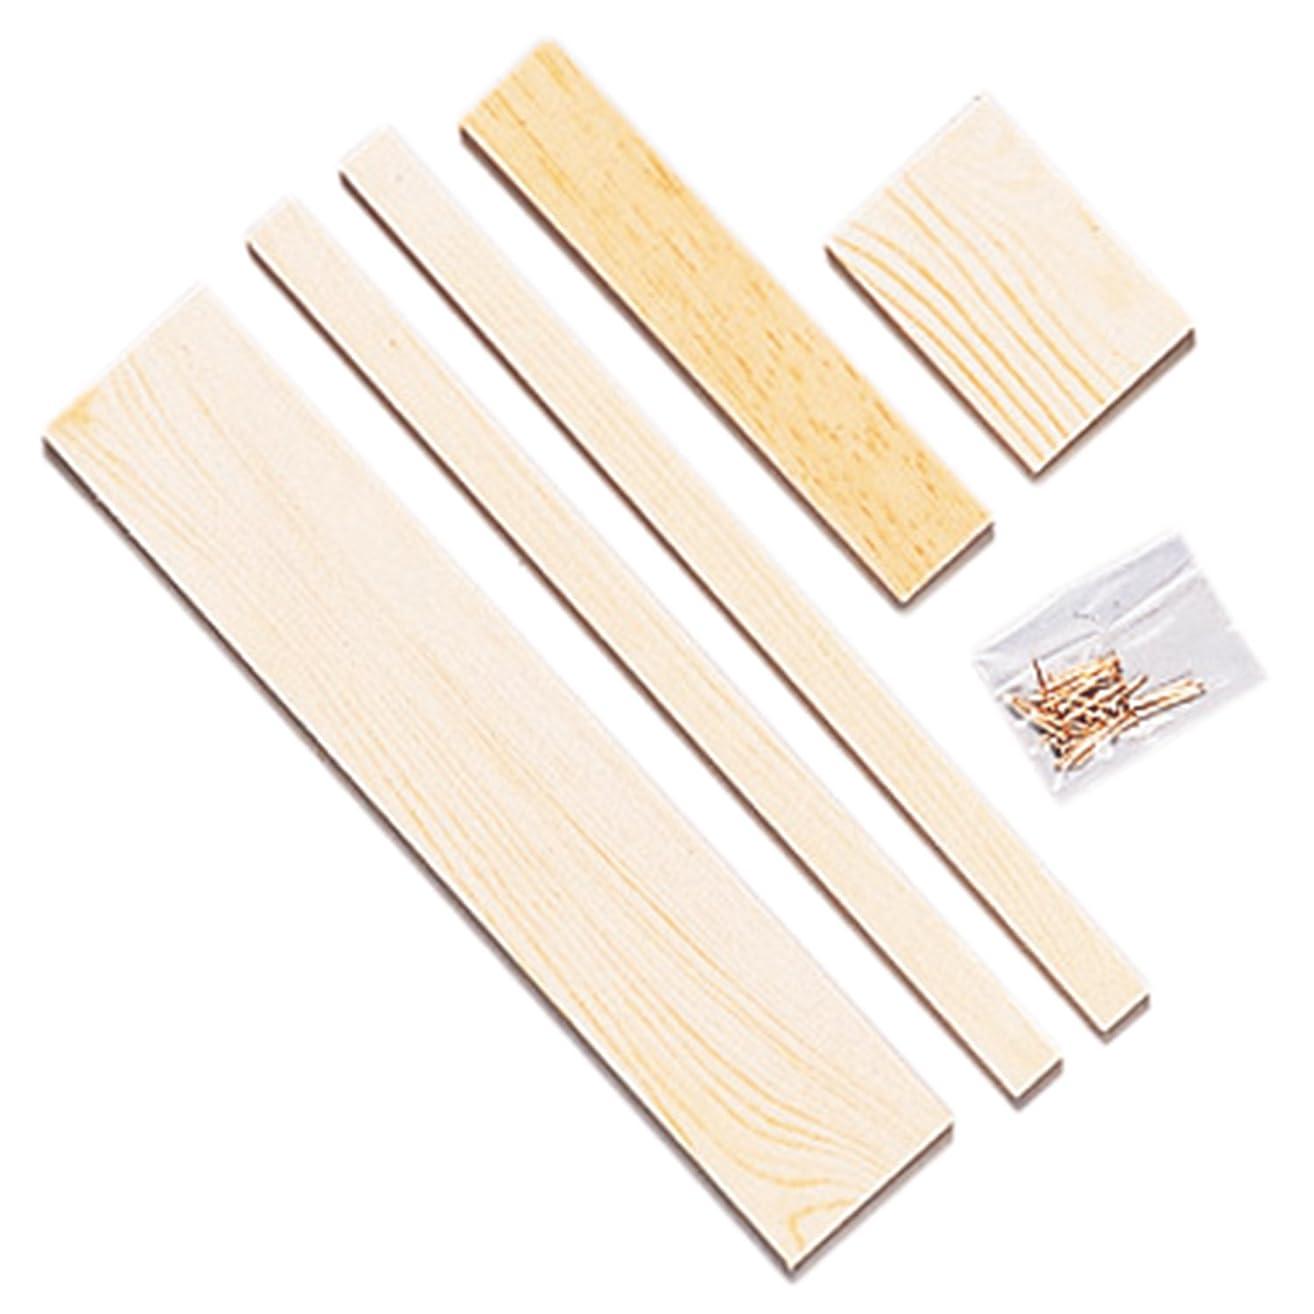 リア王応用資格サンモク 木工キット 石けん入れ 9103915